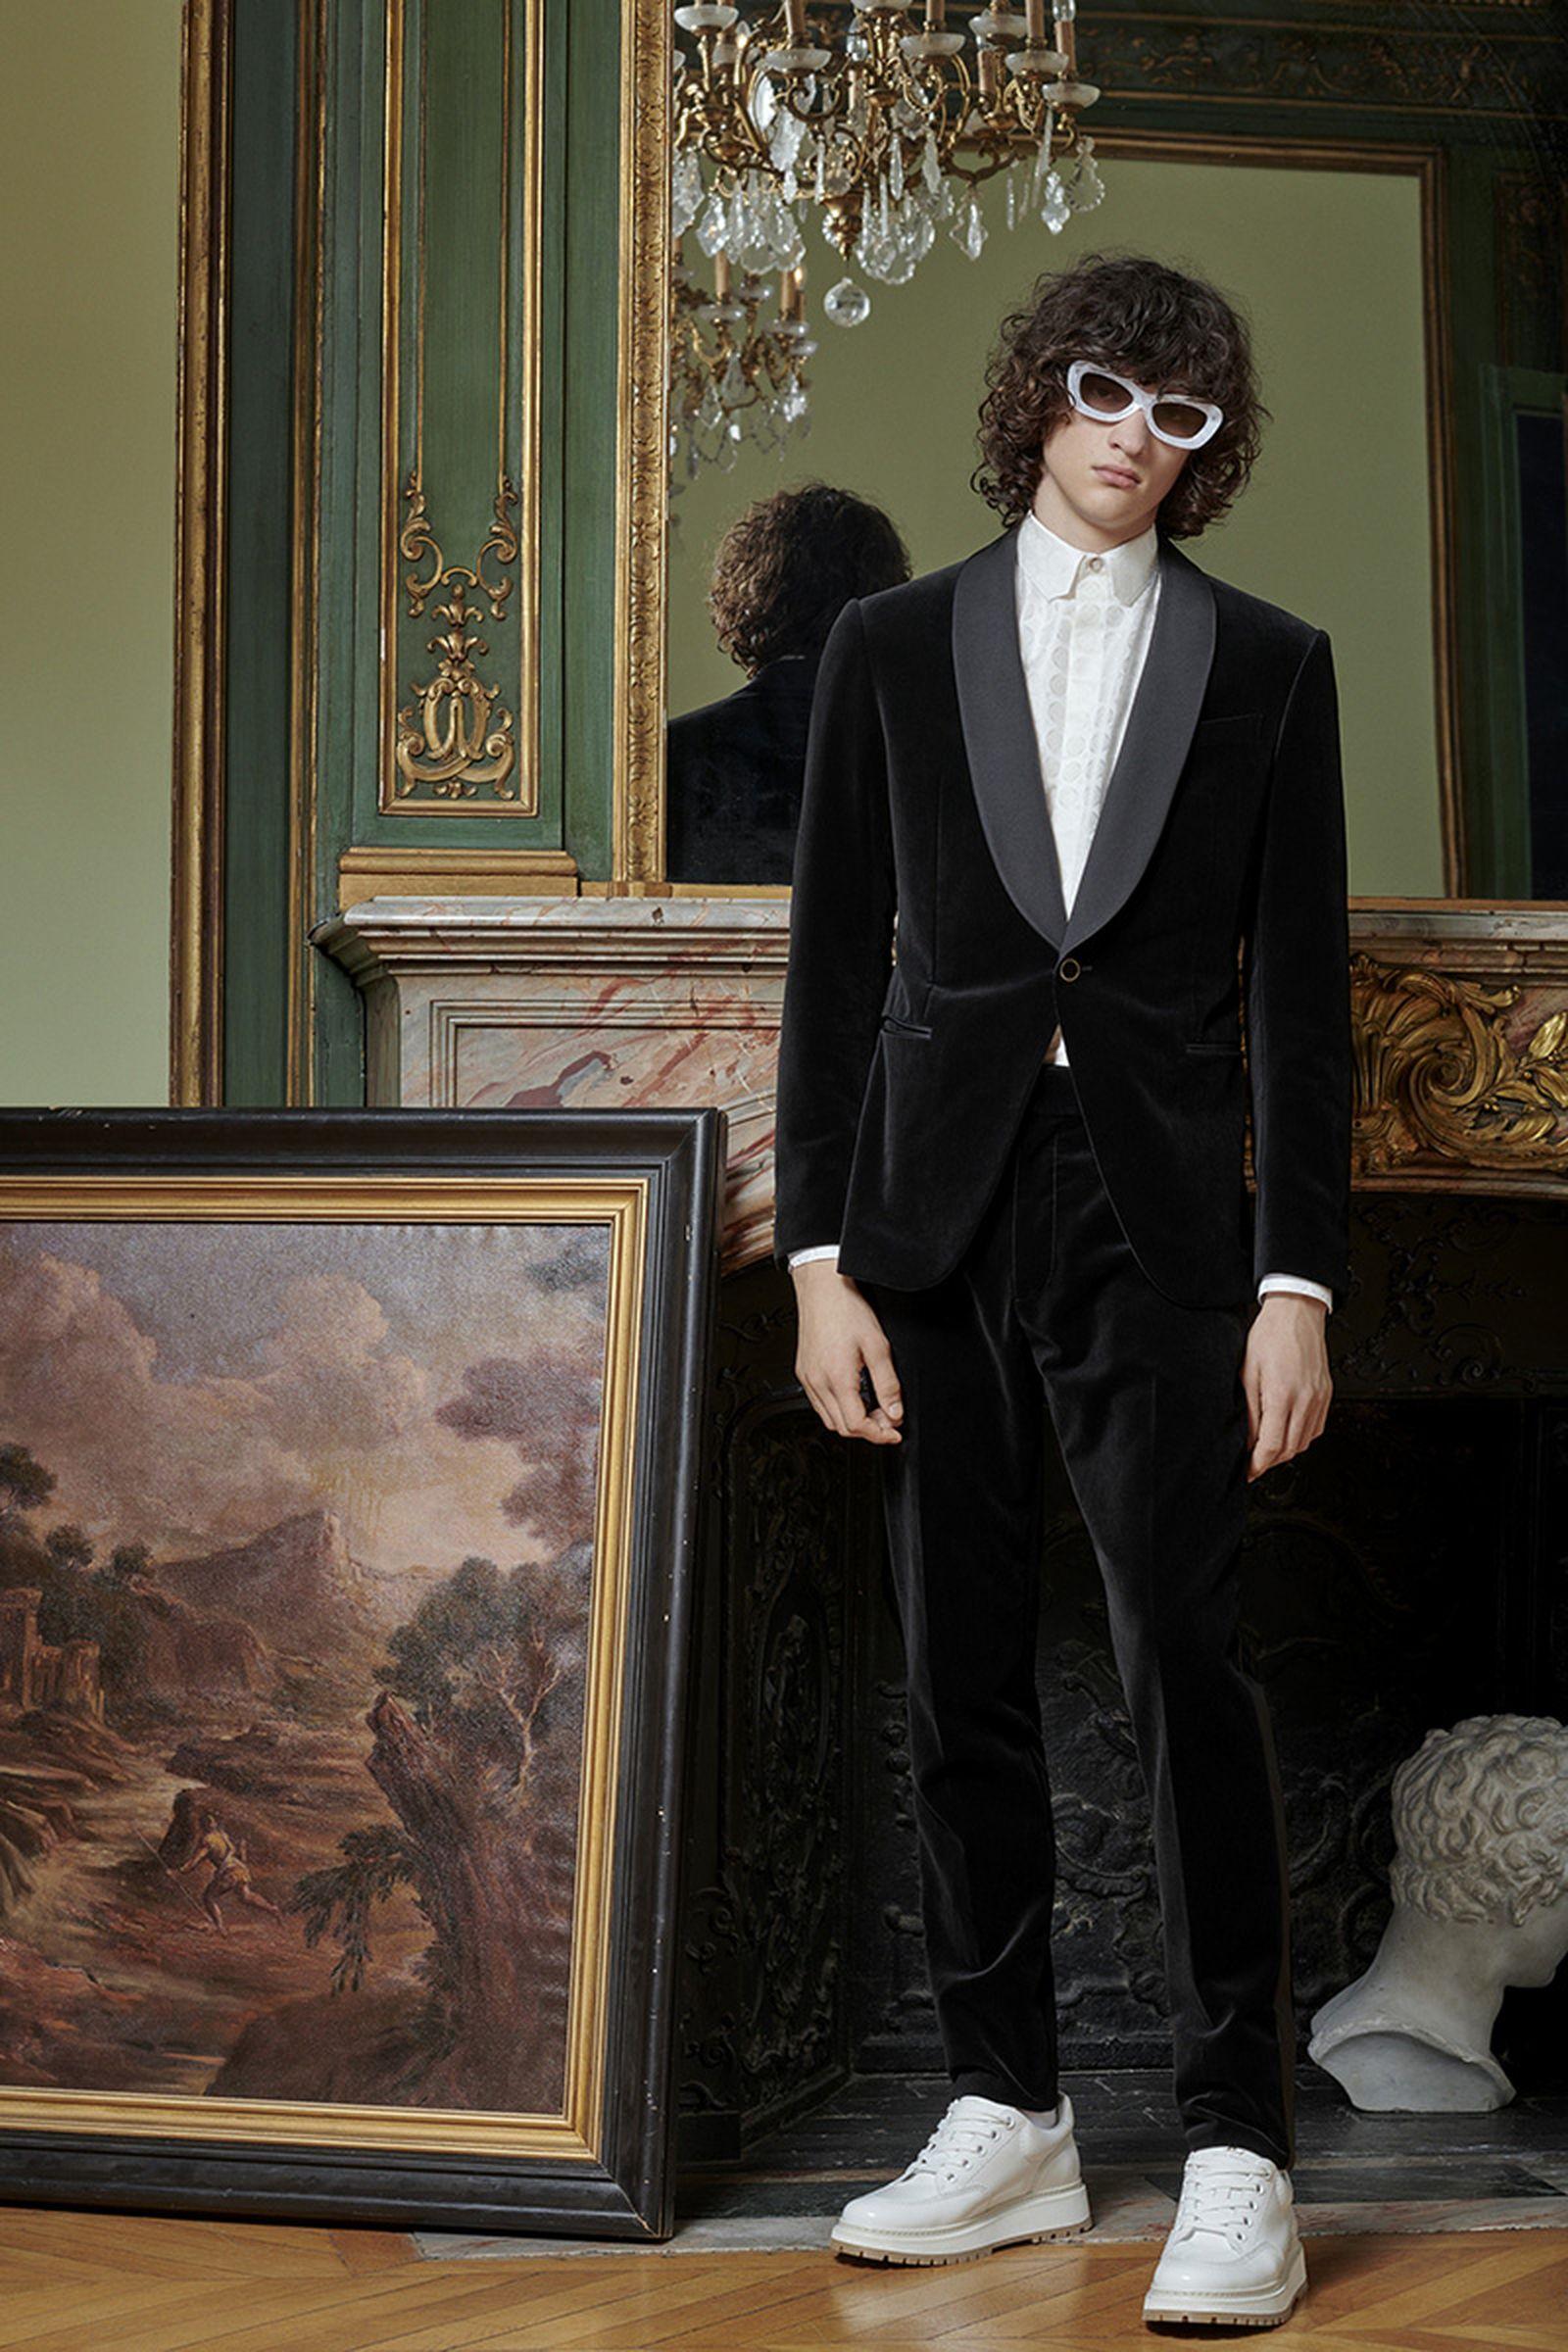 Louis Vuitton Pre-Fall 2020 men's collection